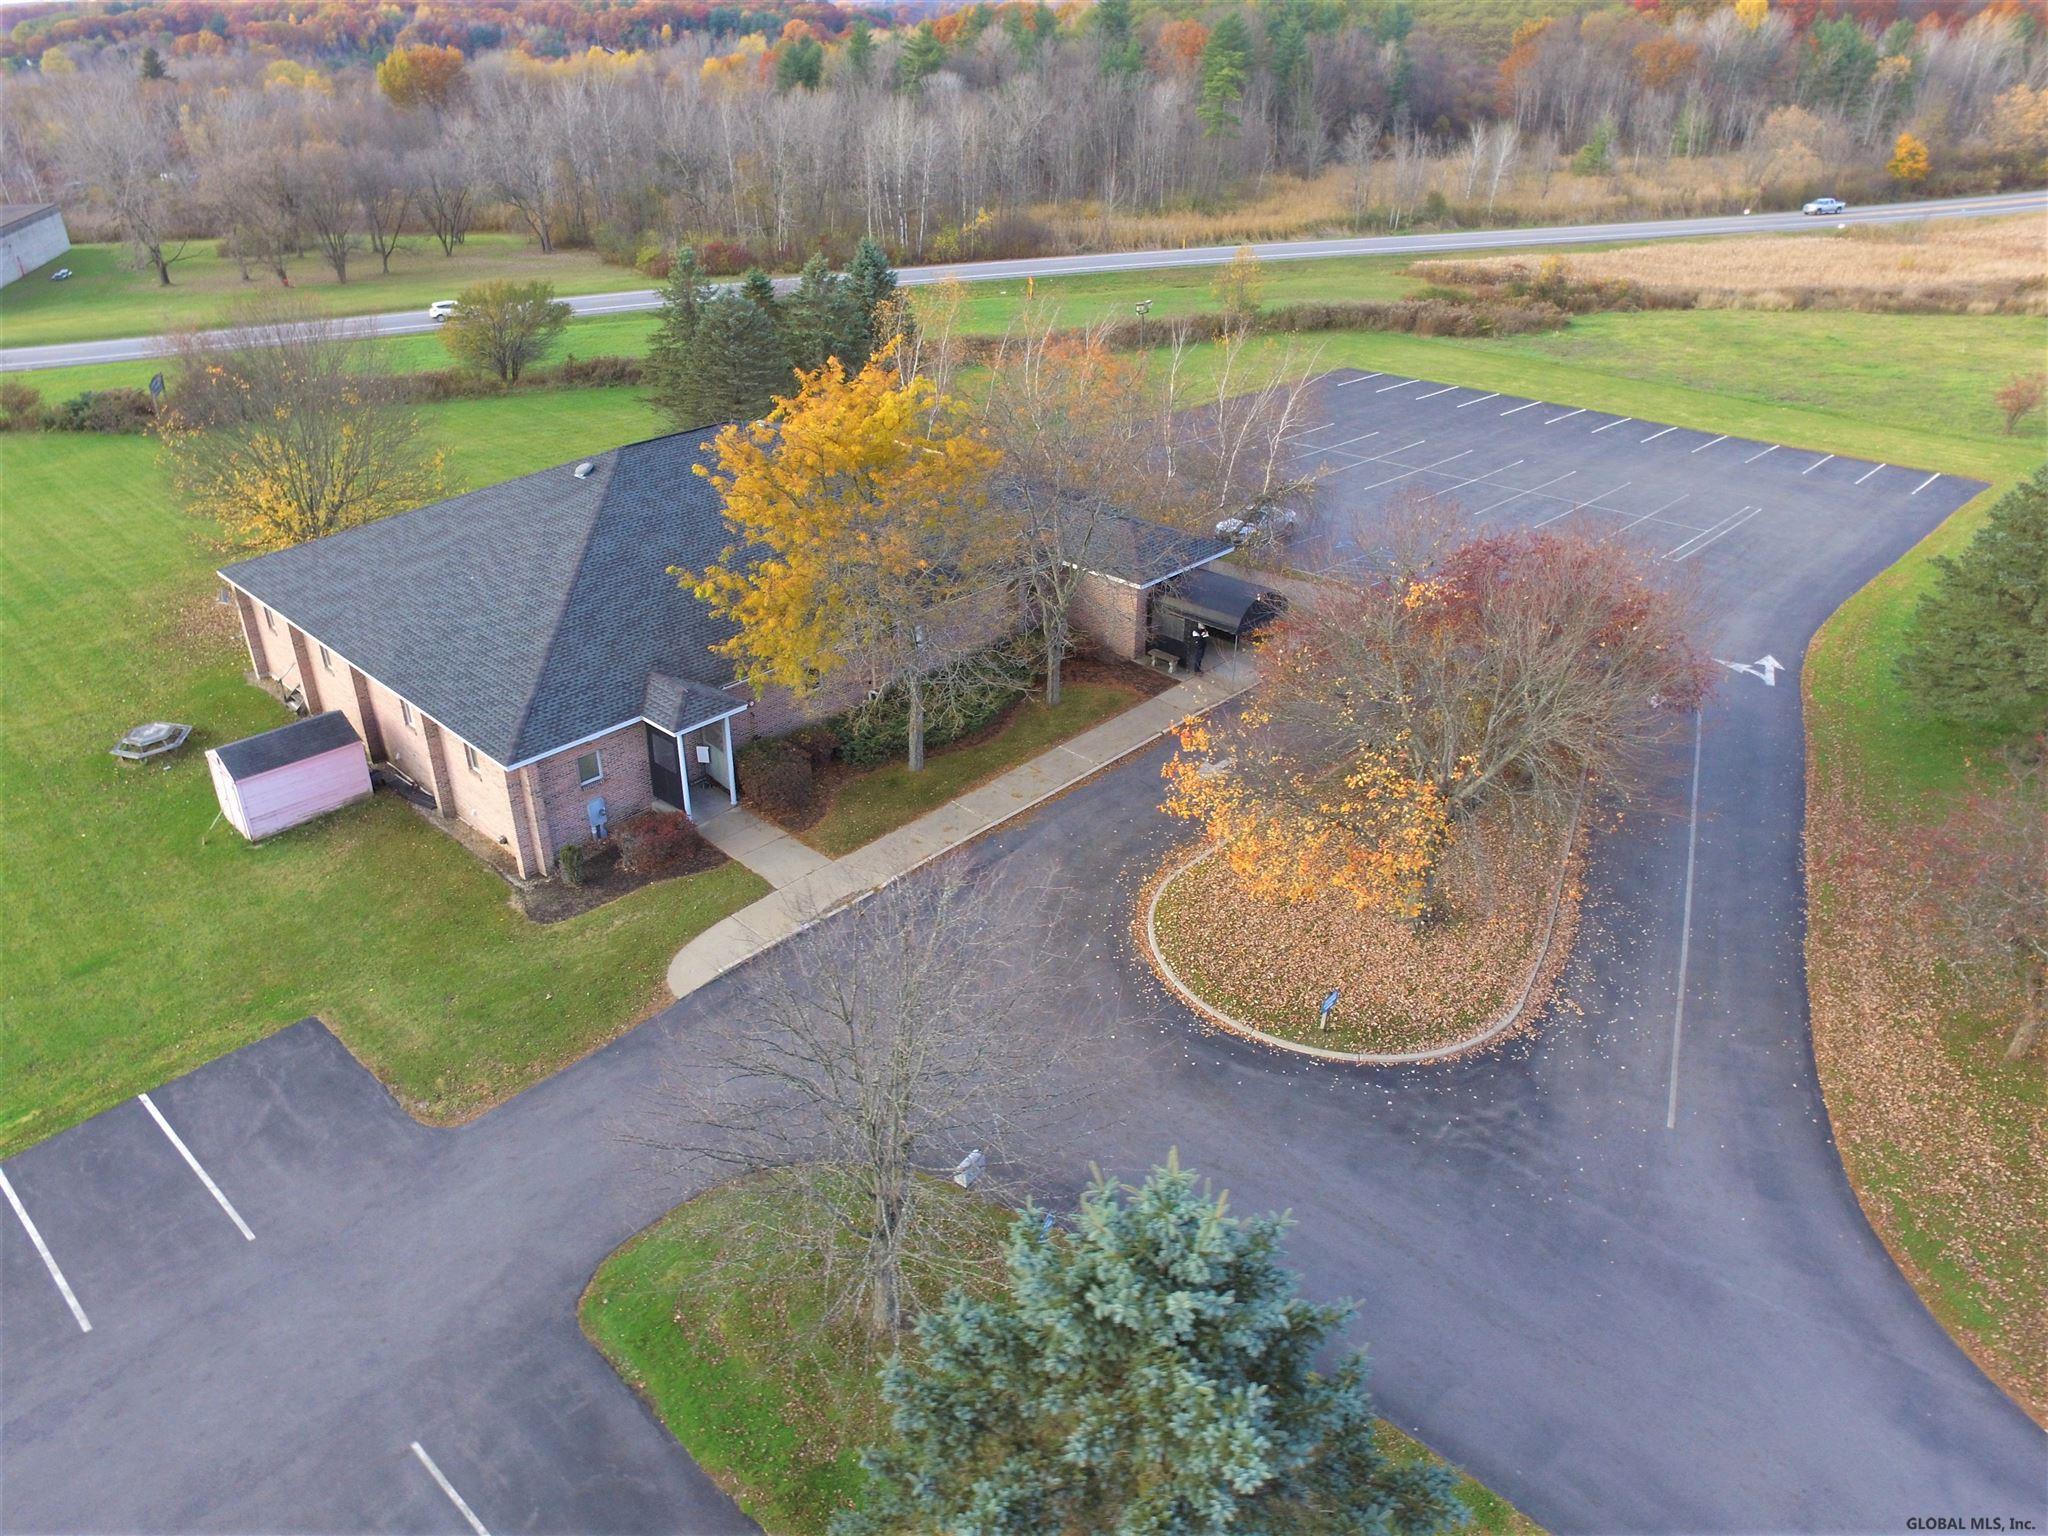 Gloversville image 4